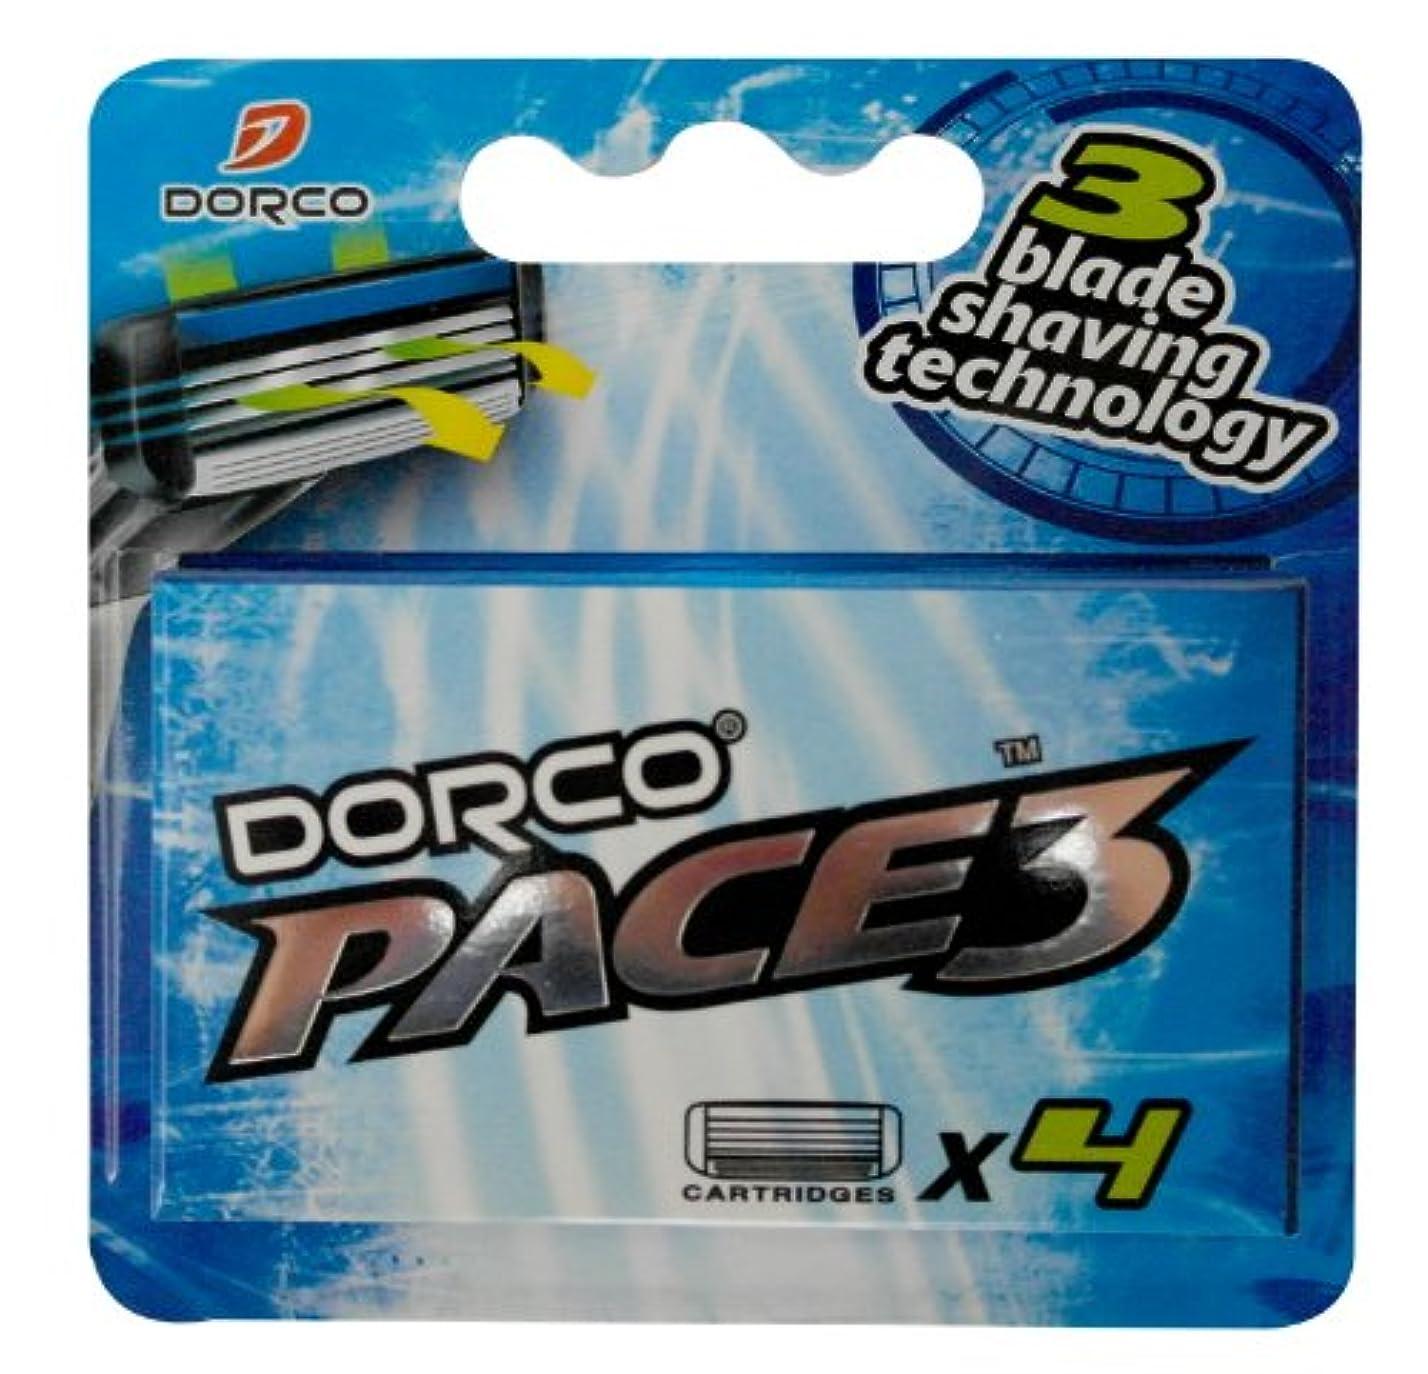 フィードオンインタフェース硬さDORCO ドルコ PACE3 男性用替刃式 カミソリ3枚刃 替え刃